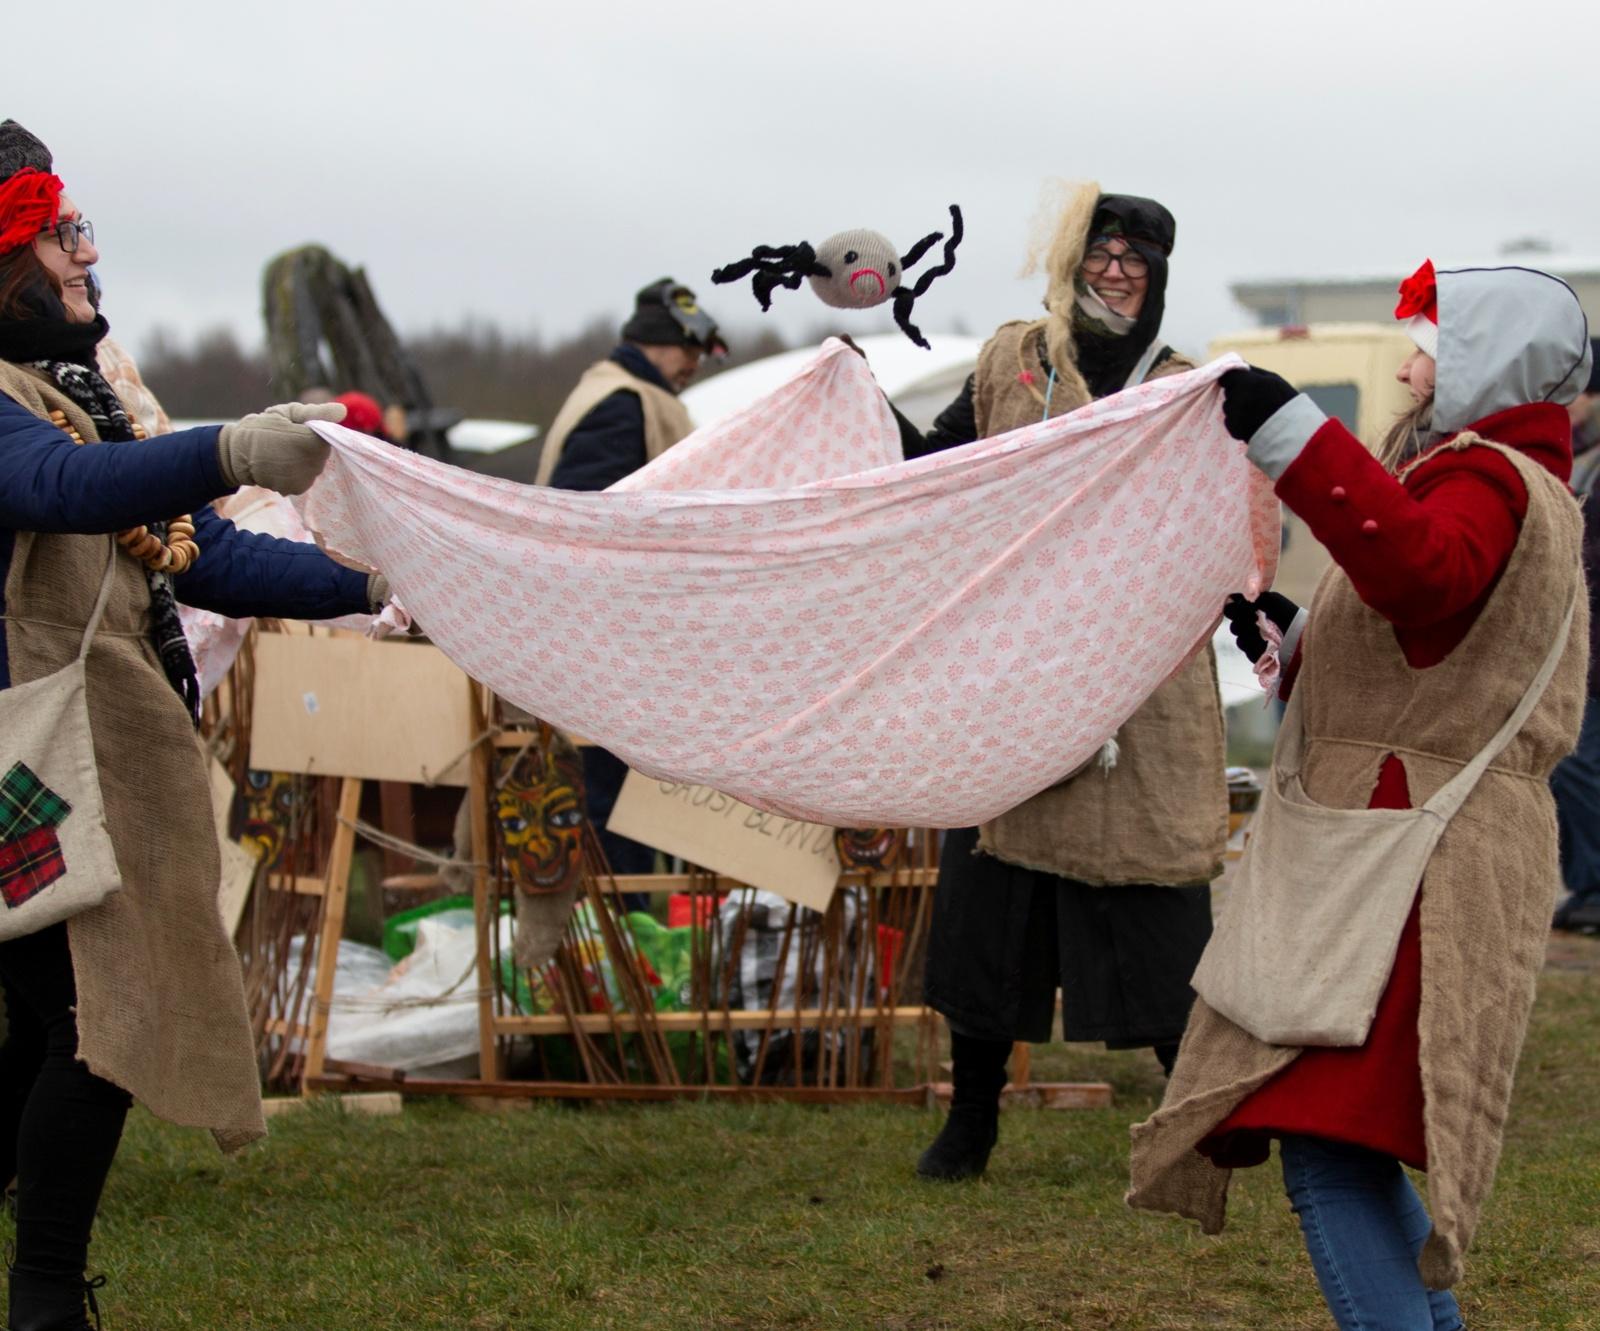 Persirengėliai pokštauti rinkosi prie Žaliūkių vėjo malūno